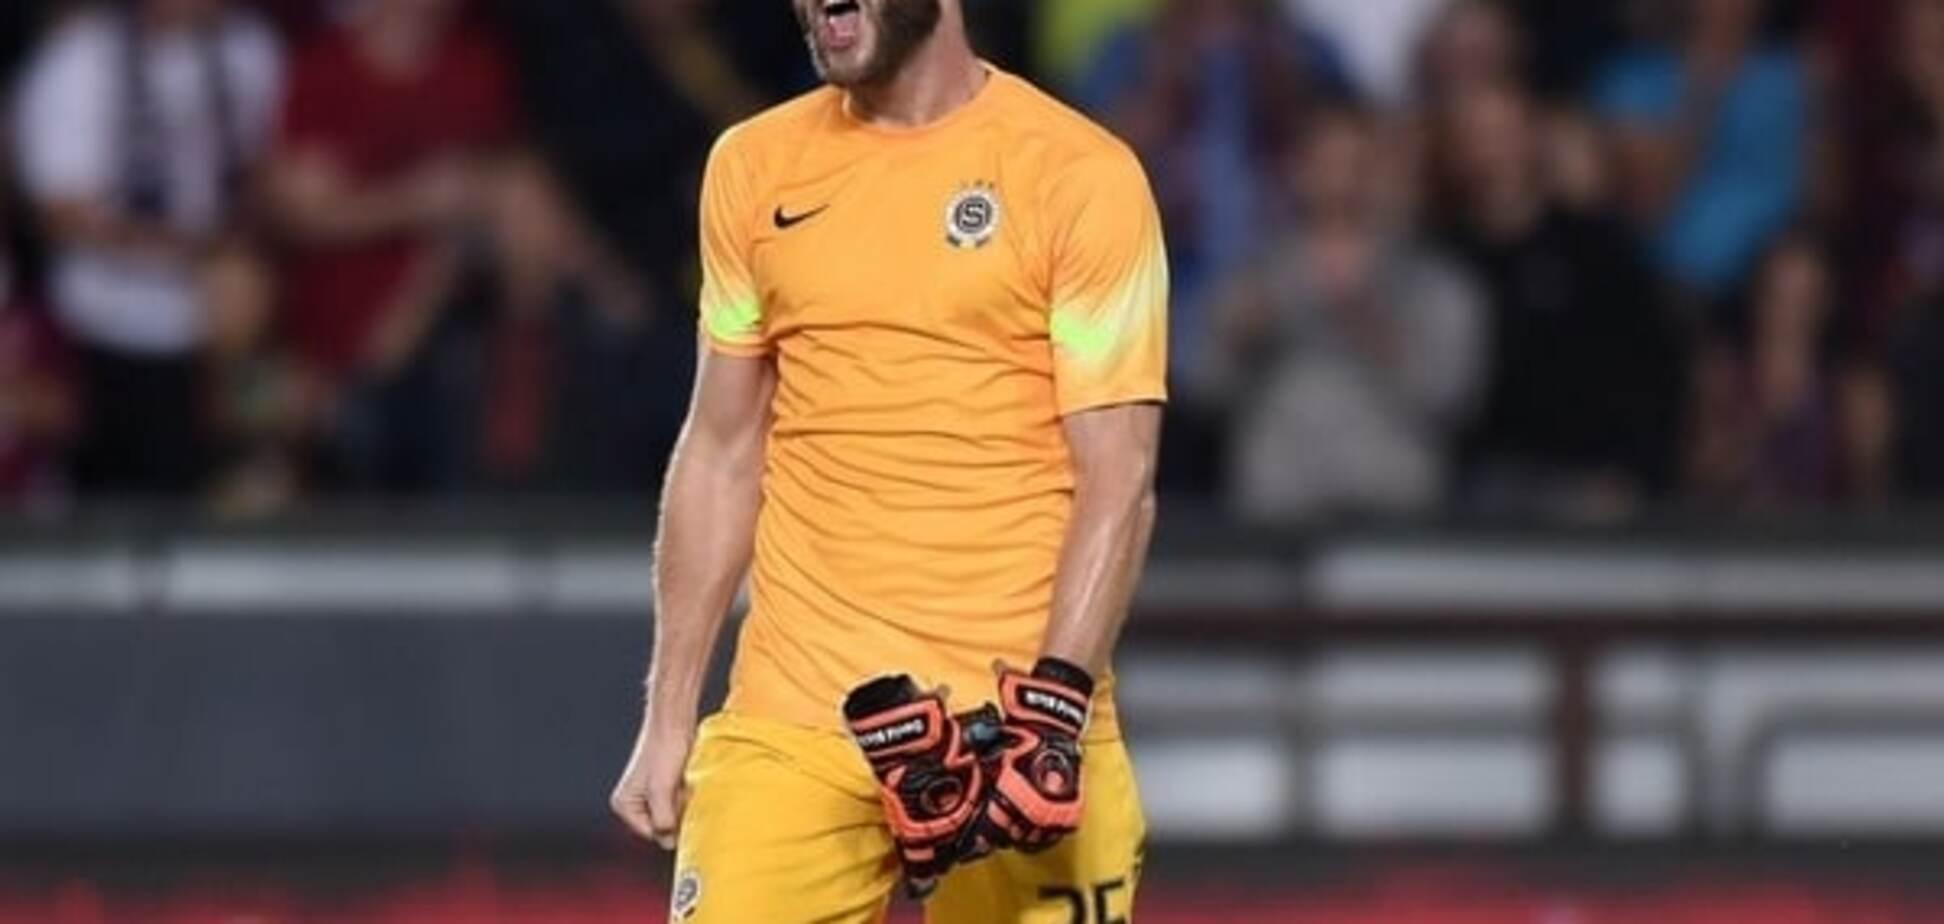 Ганьба дня. Чеський воротар 'привіз' своїй команді безглуздий гол у Лізі Європи: відео-моменту